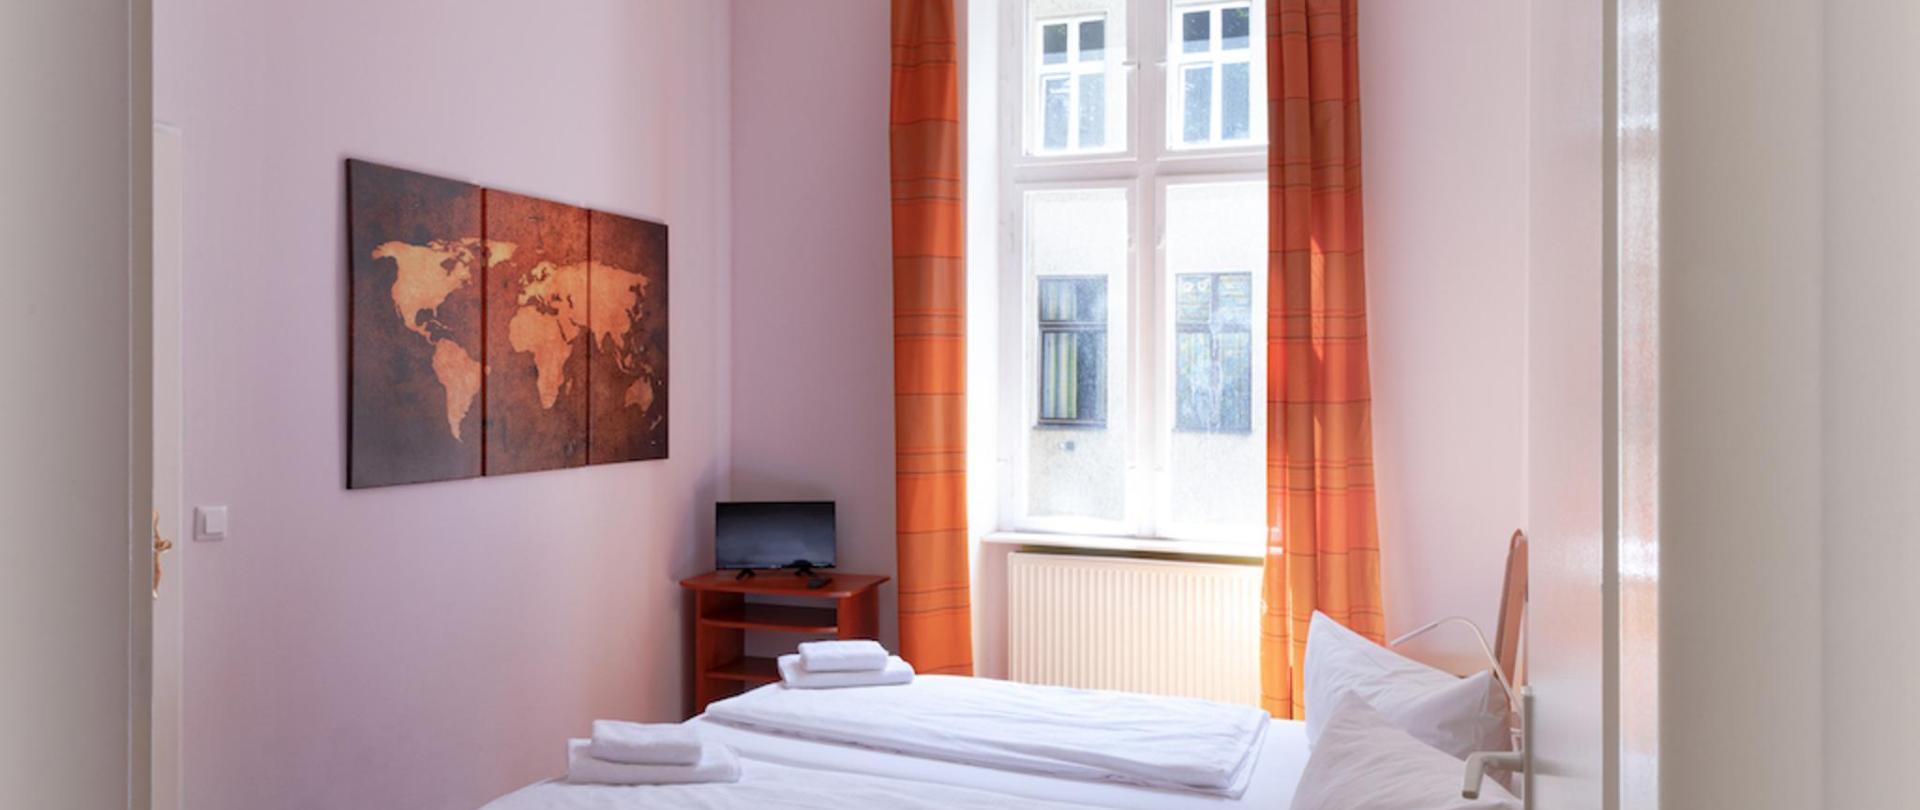 Hotel Eden am Zoo Berlin Kurfuerstendamm 6P1A5577.jpg